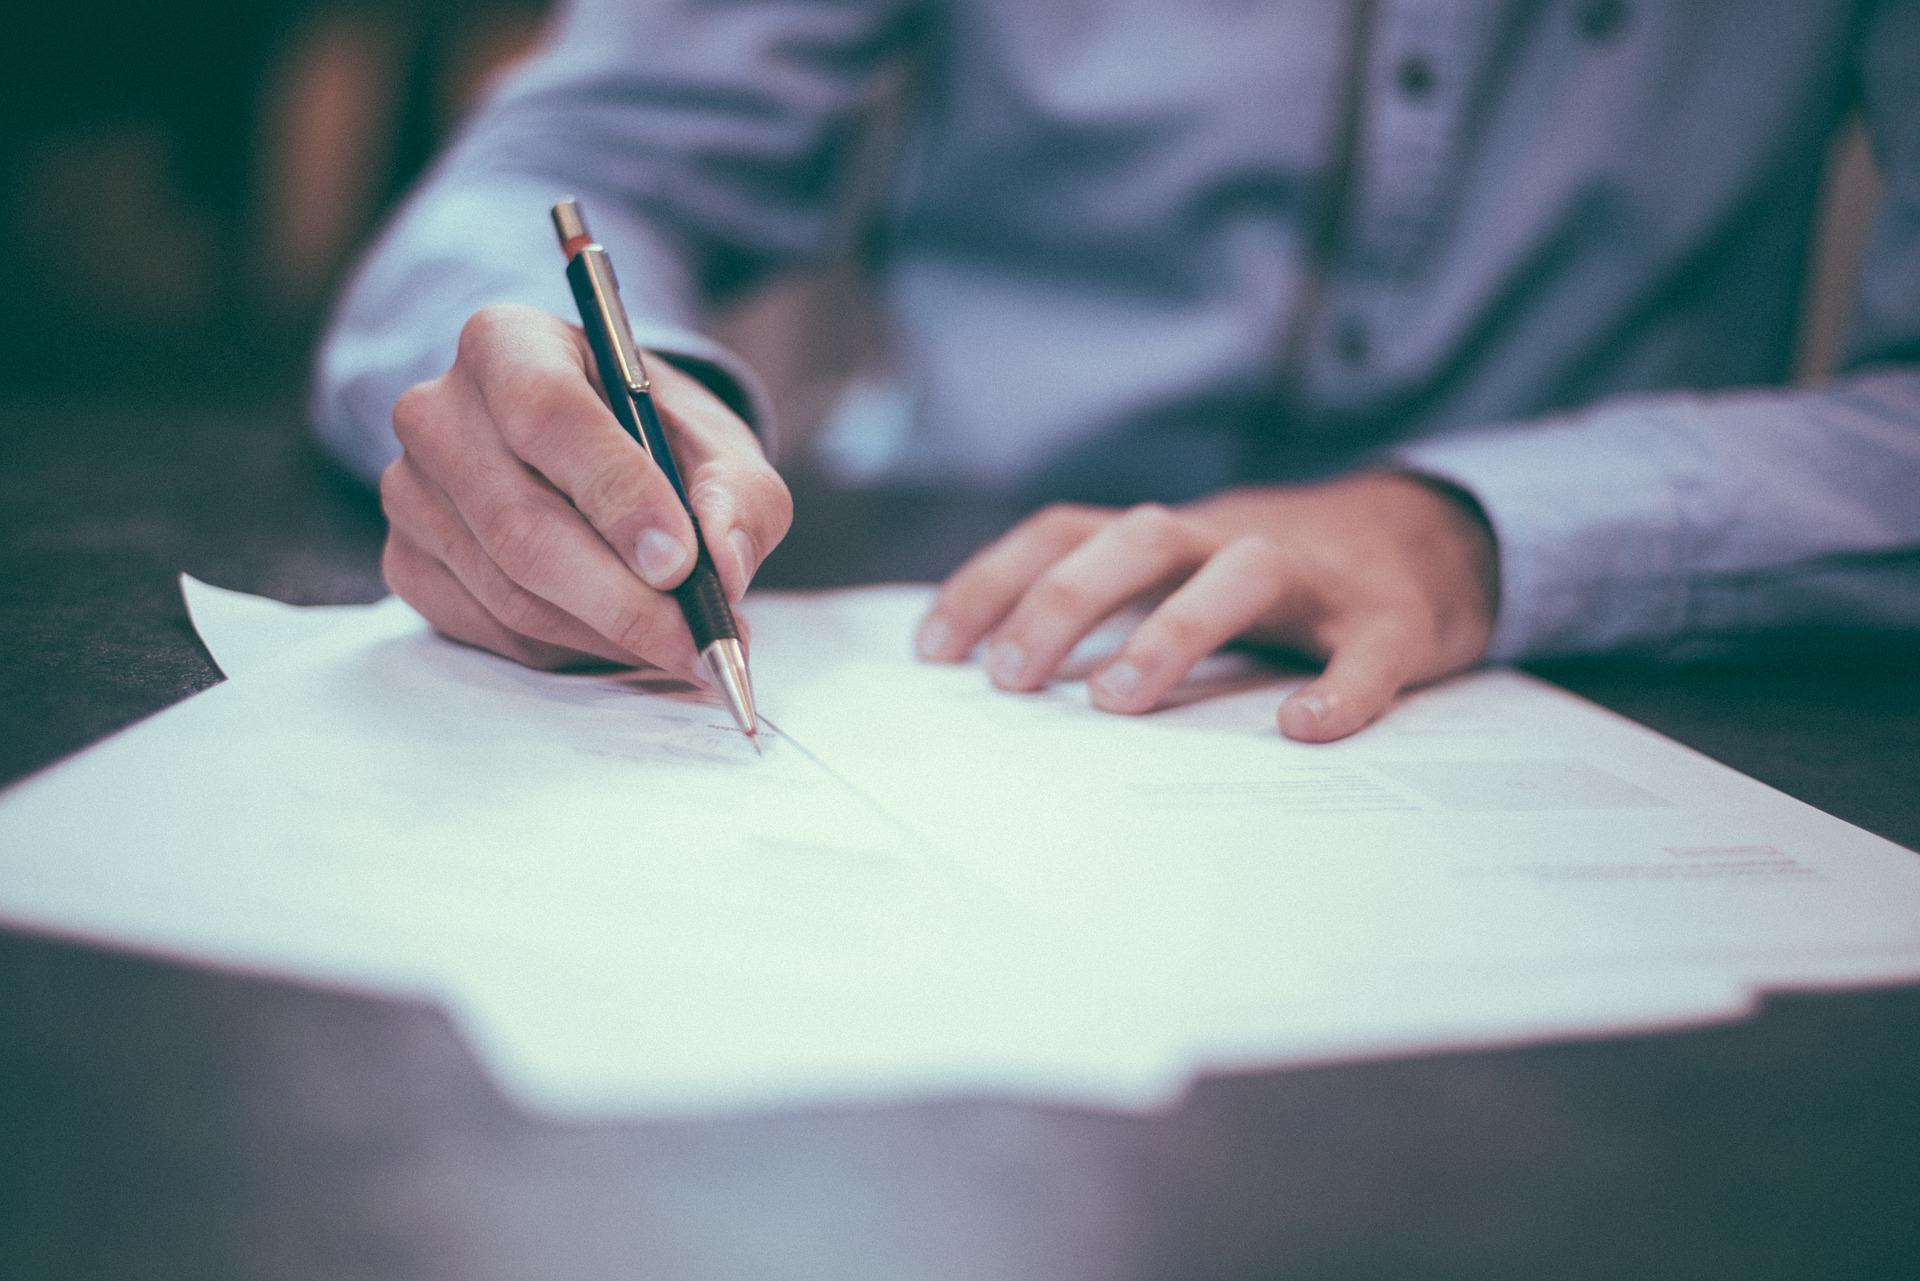 Jak získat elektronický podpis?